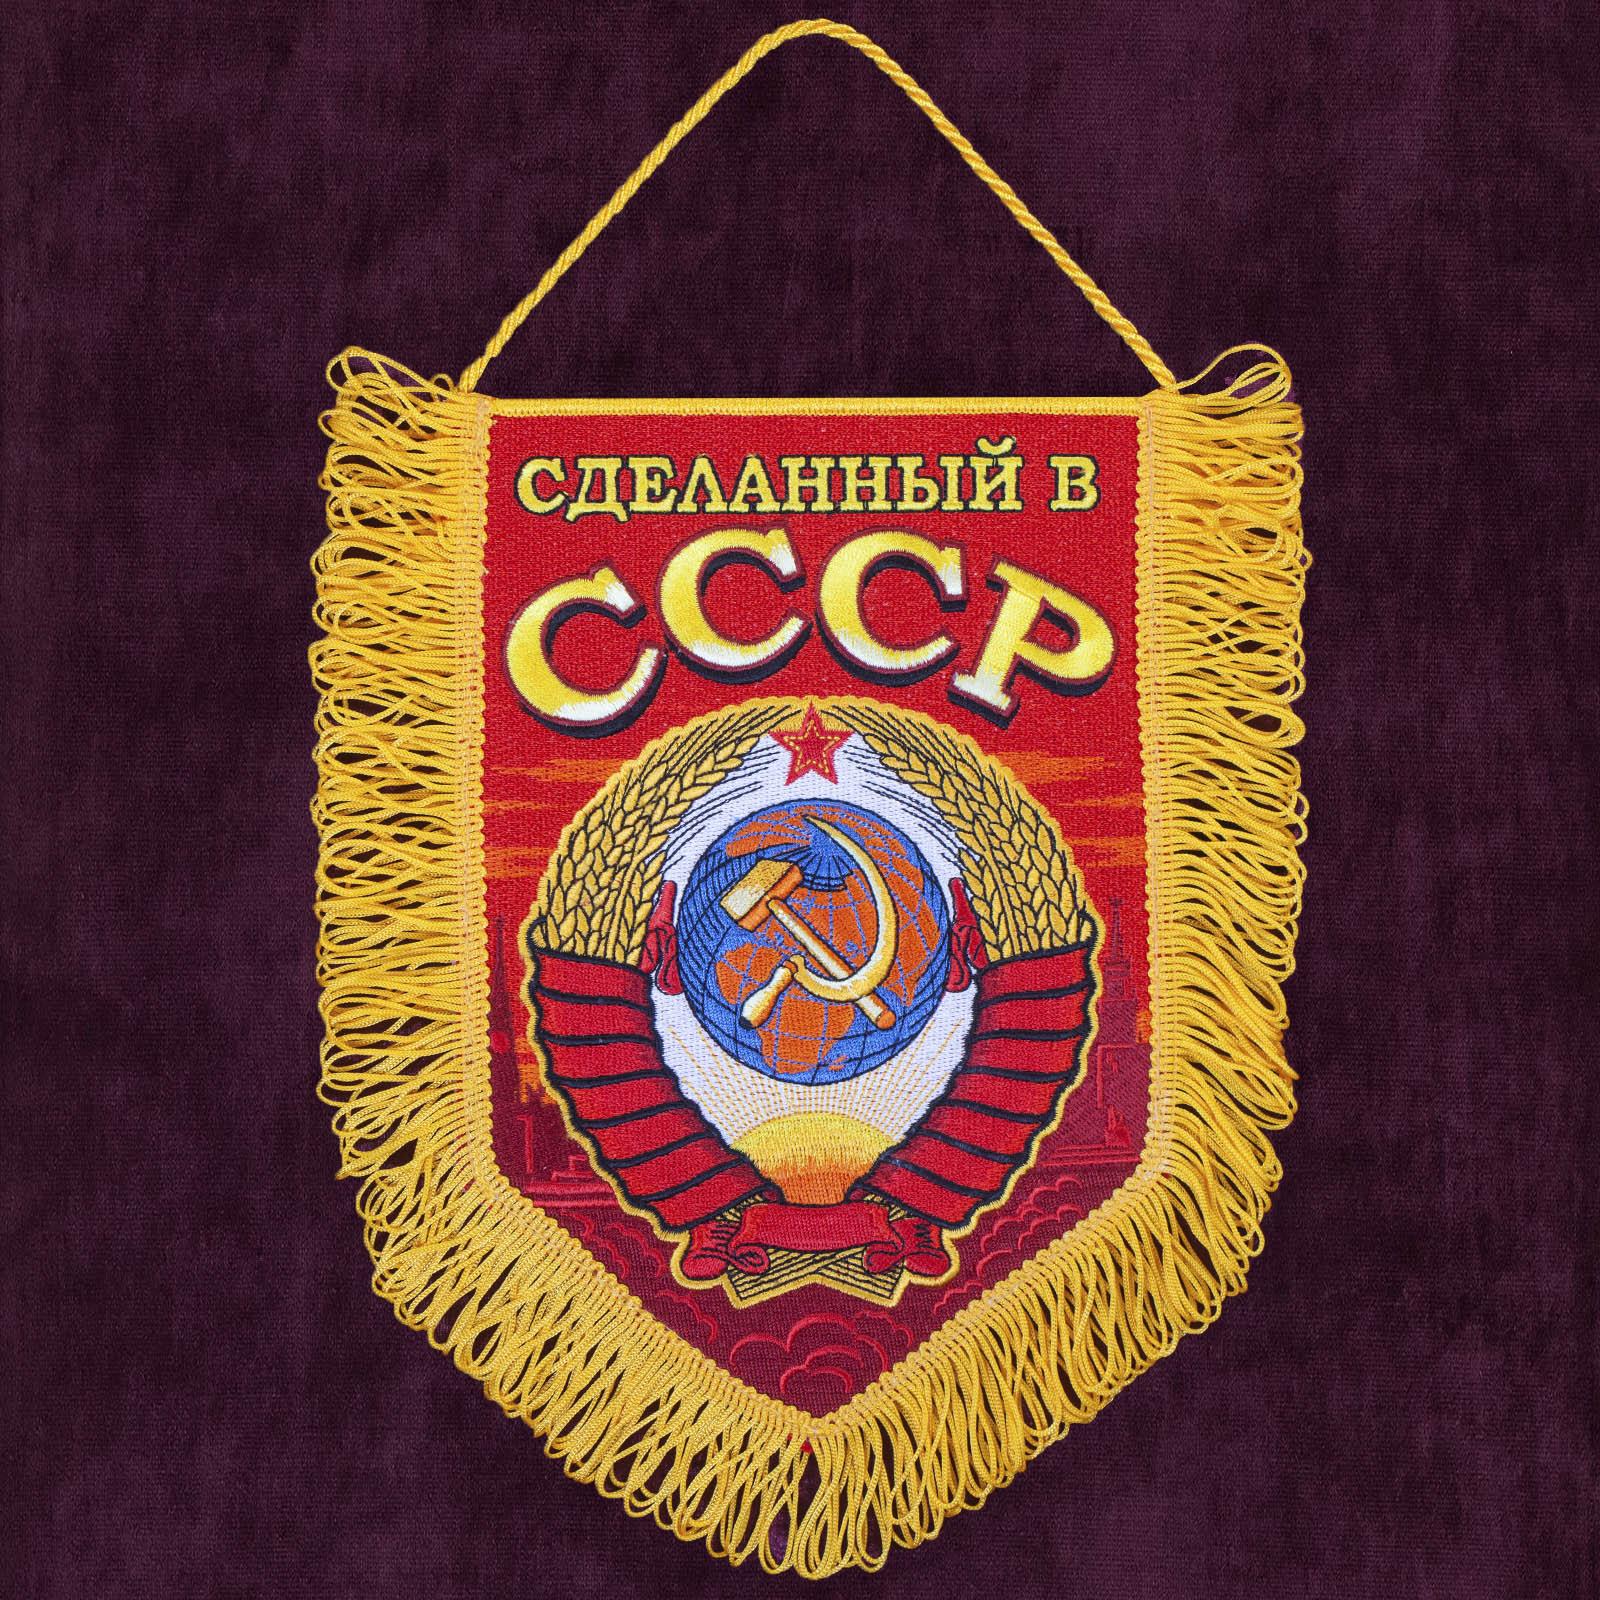 Вымпел Сделанный в СССР по низкой цене недорого